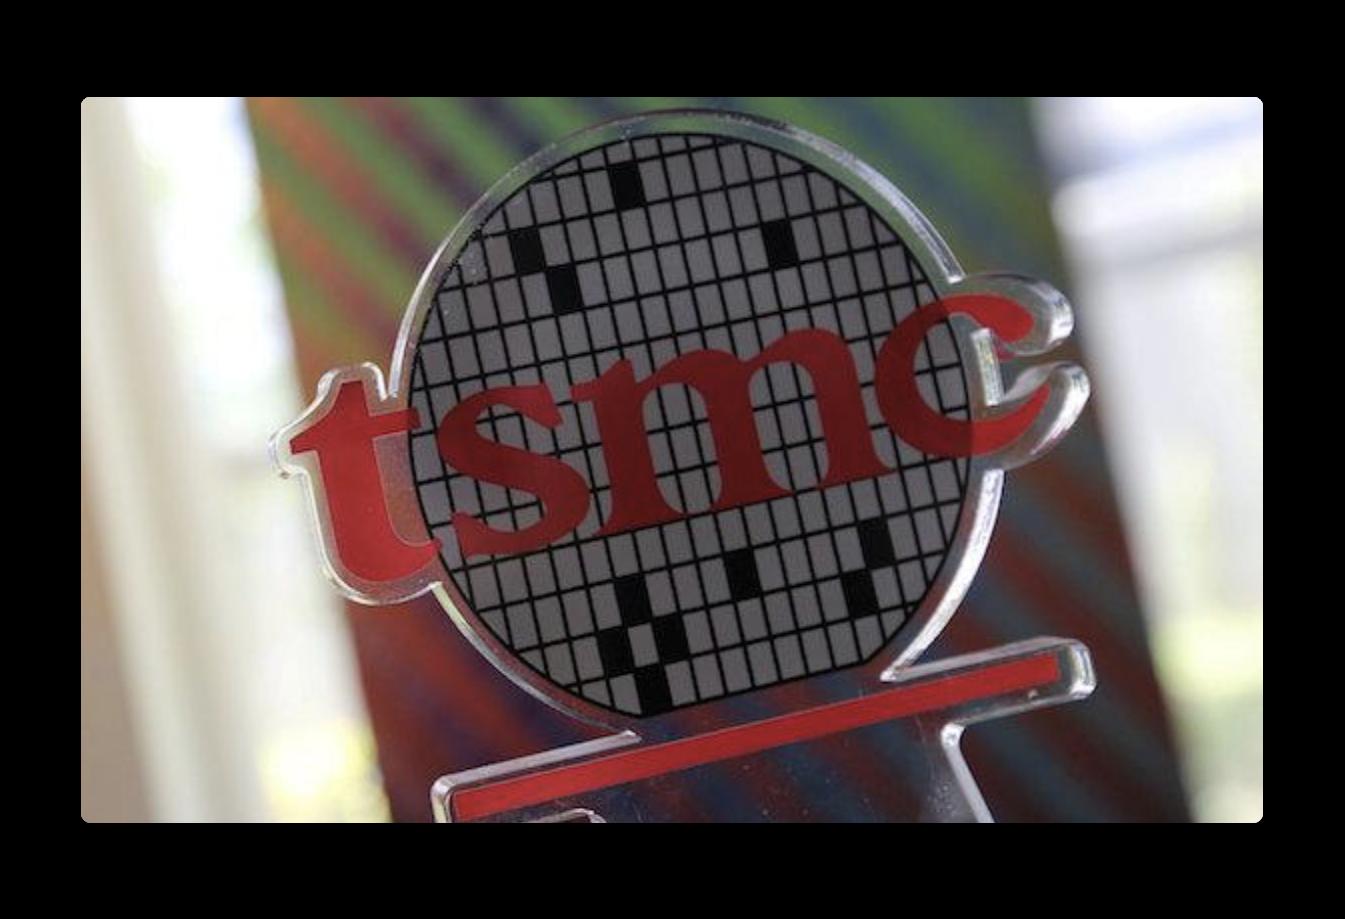 Appleの主要サプライヤTSMCの工場がコンピュータウィルスで生産を停止